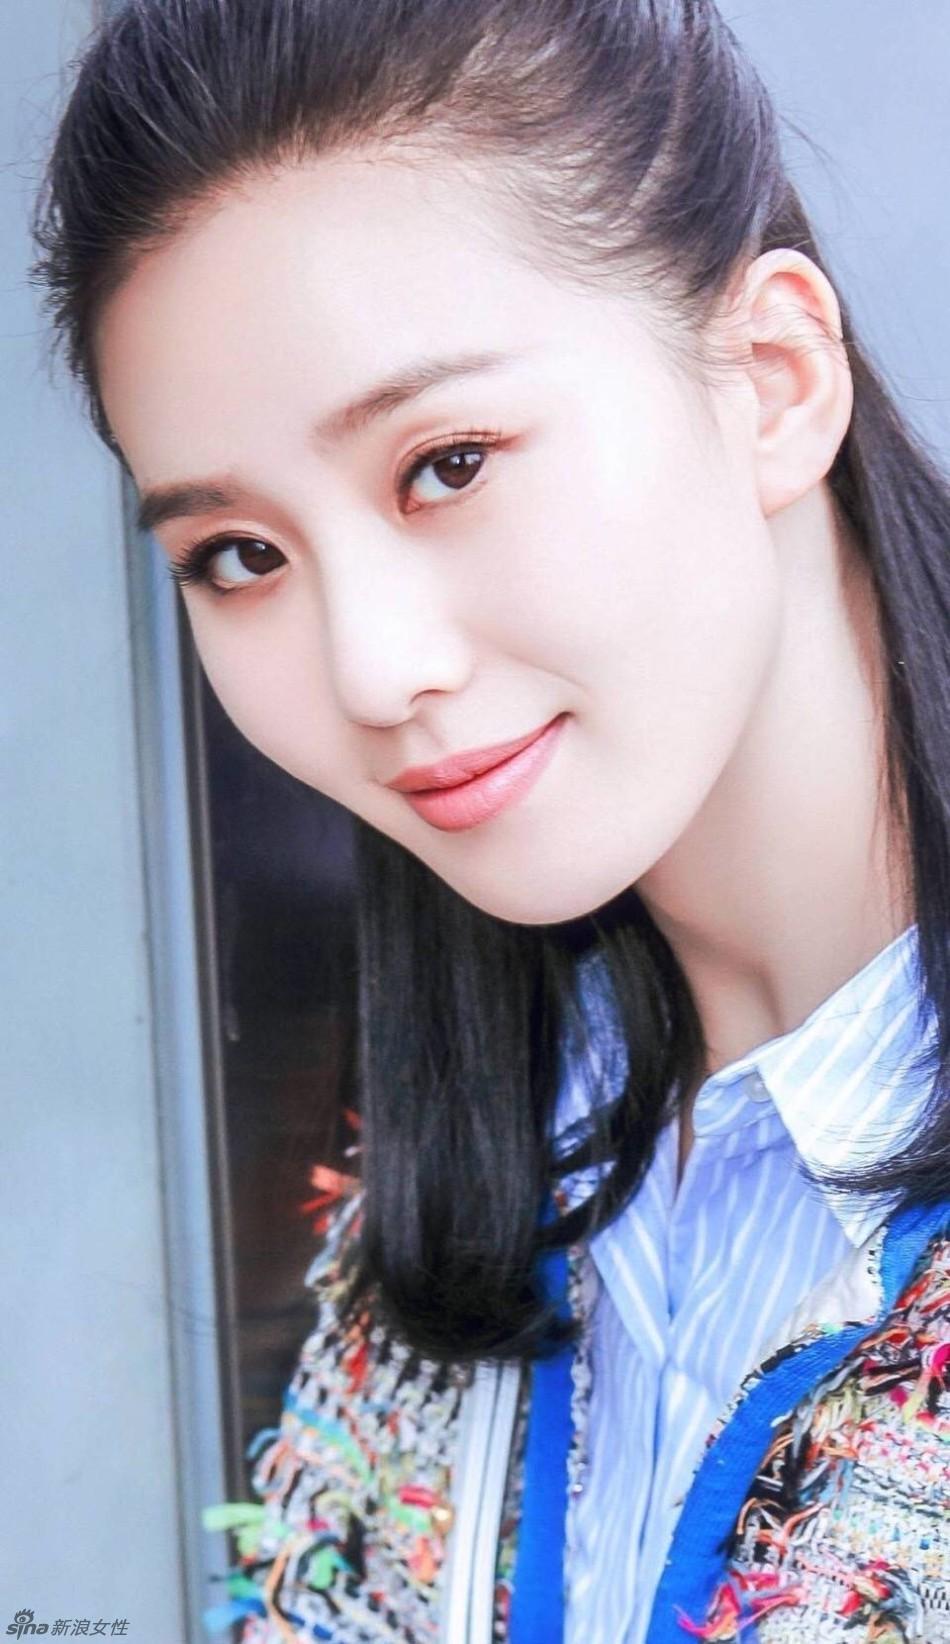 刘诗诗身穿流苏外套搭配蓝色条纹衬衫,扎起半丸子头温婉不失可爱.